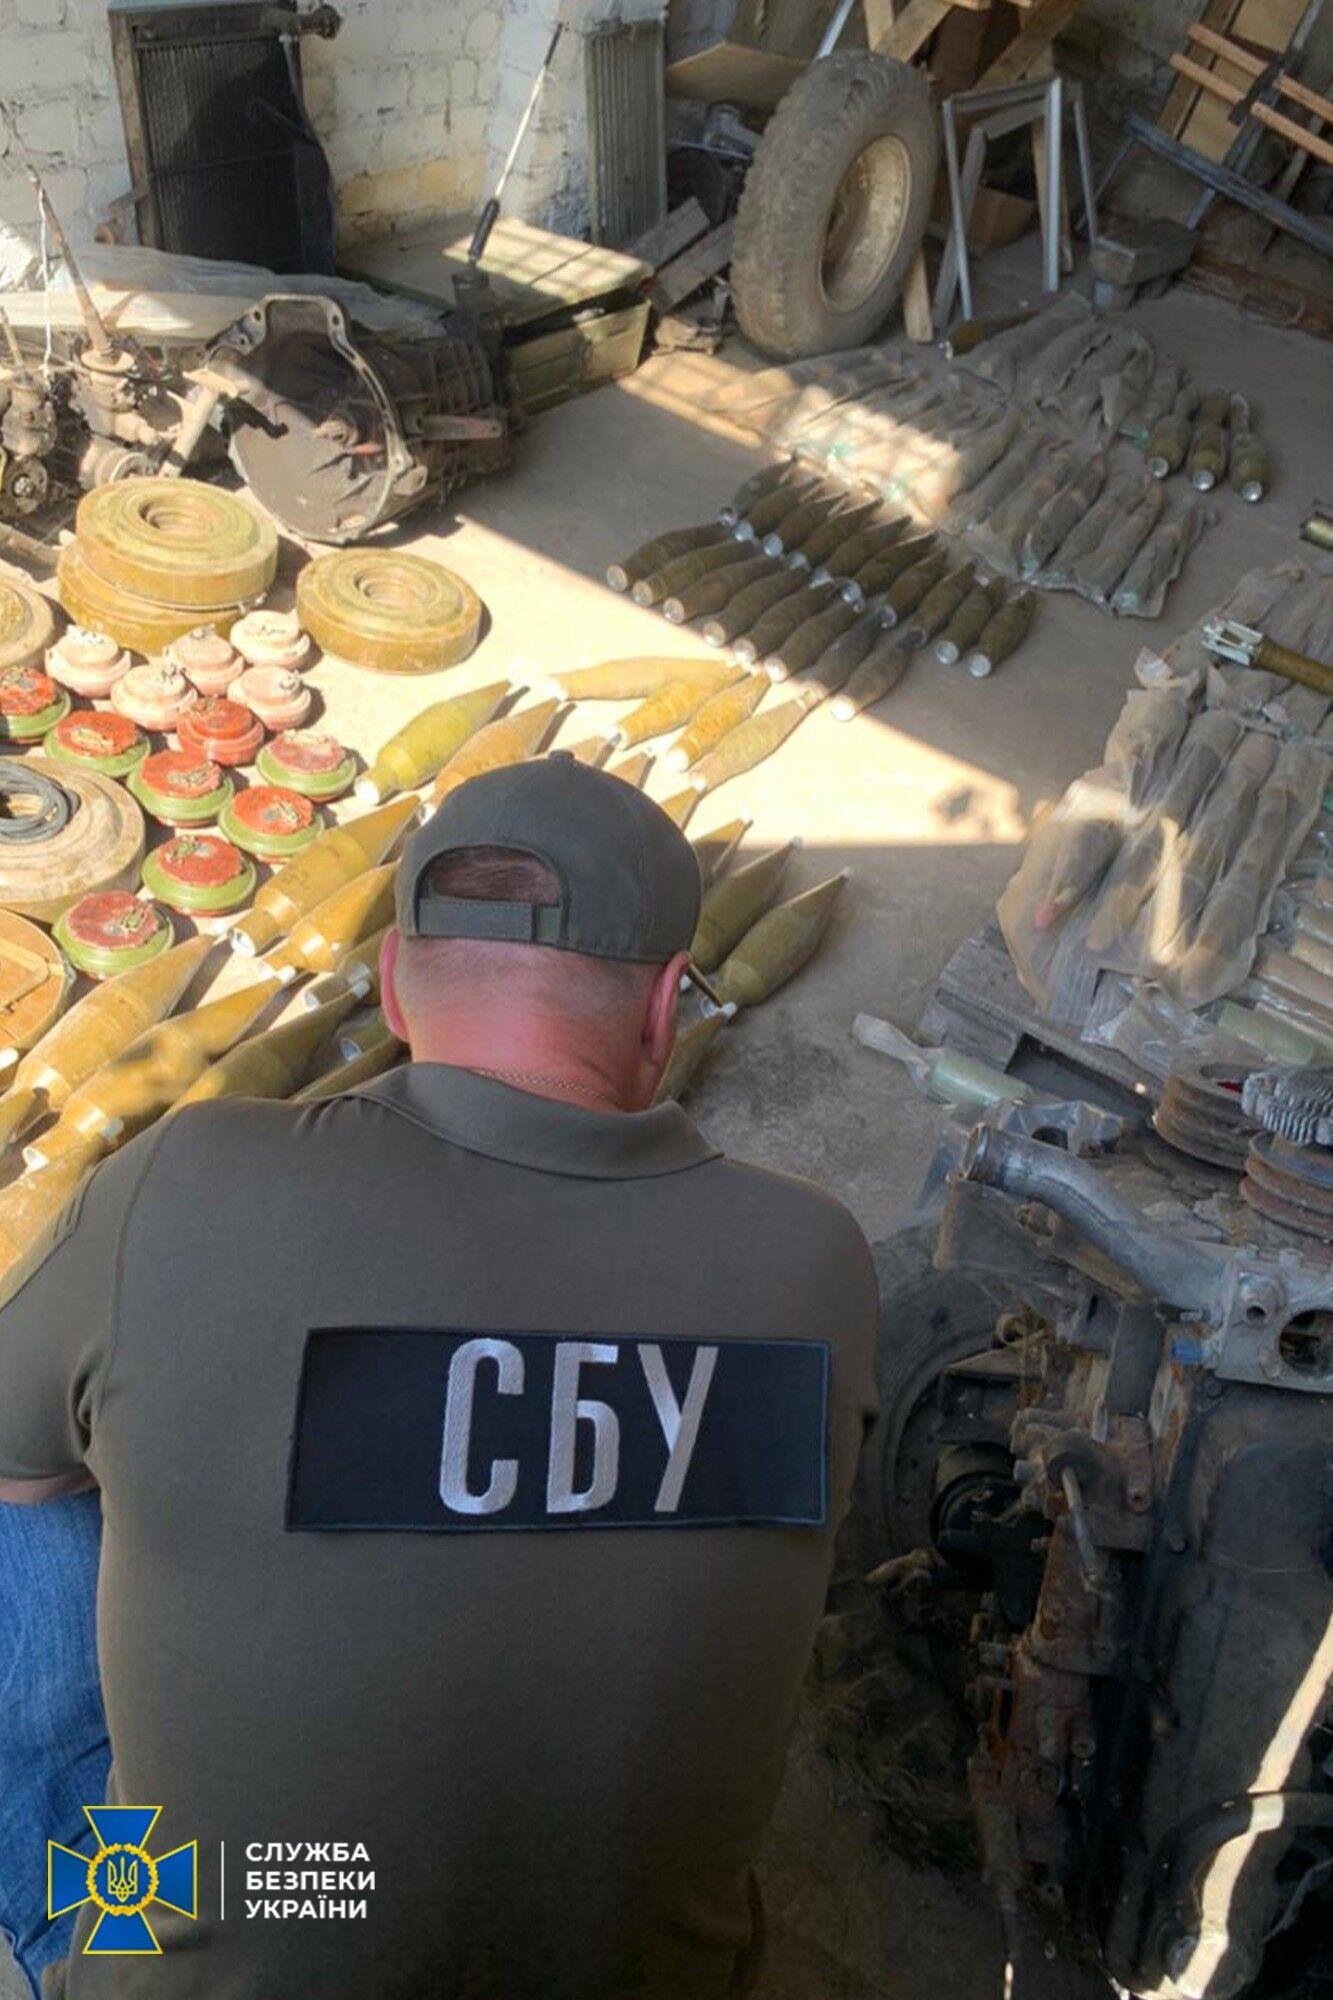 СБУ знайшла в схроні боєприпаси